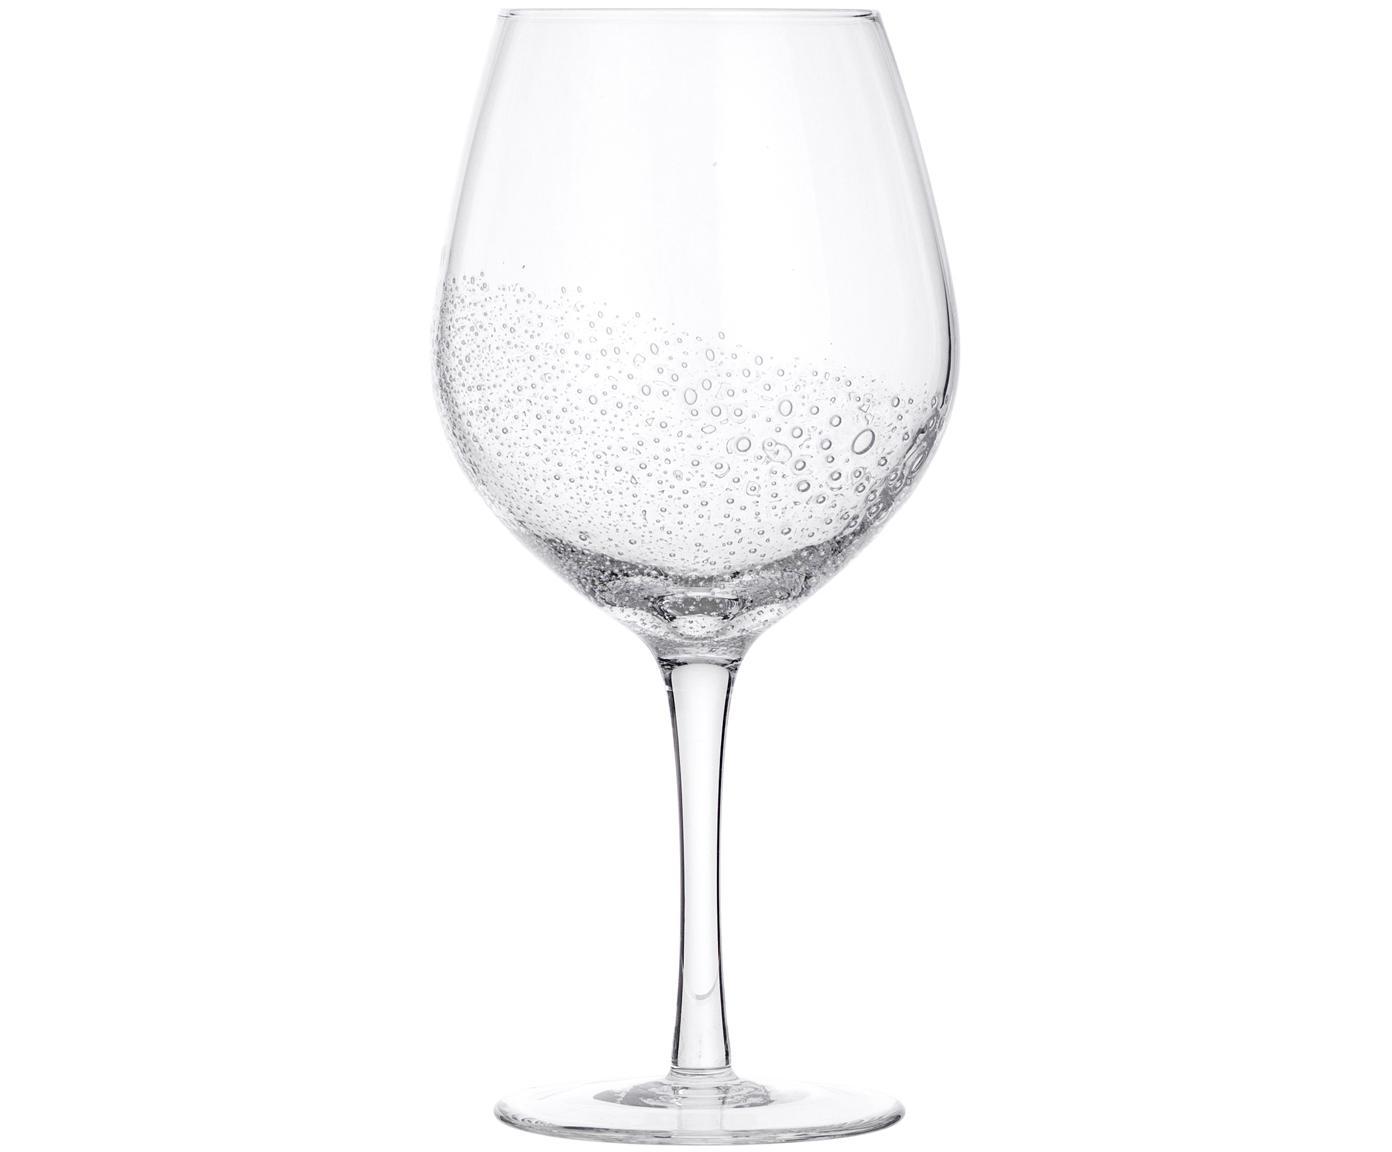 Kieliszek do wina czerwonego ze szkła dmuchanego Bubble, 4 szt., Szkło dmuchane, Transparentny z bąbelkami powietrza, Ø 10 x 22 cm